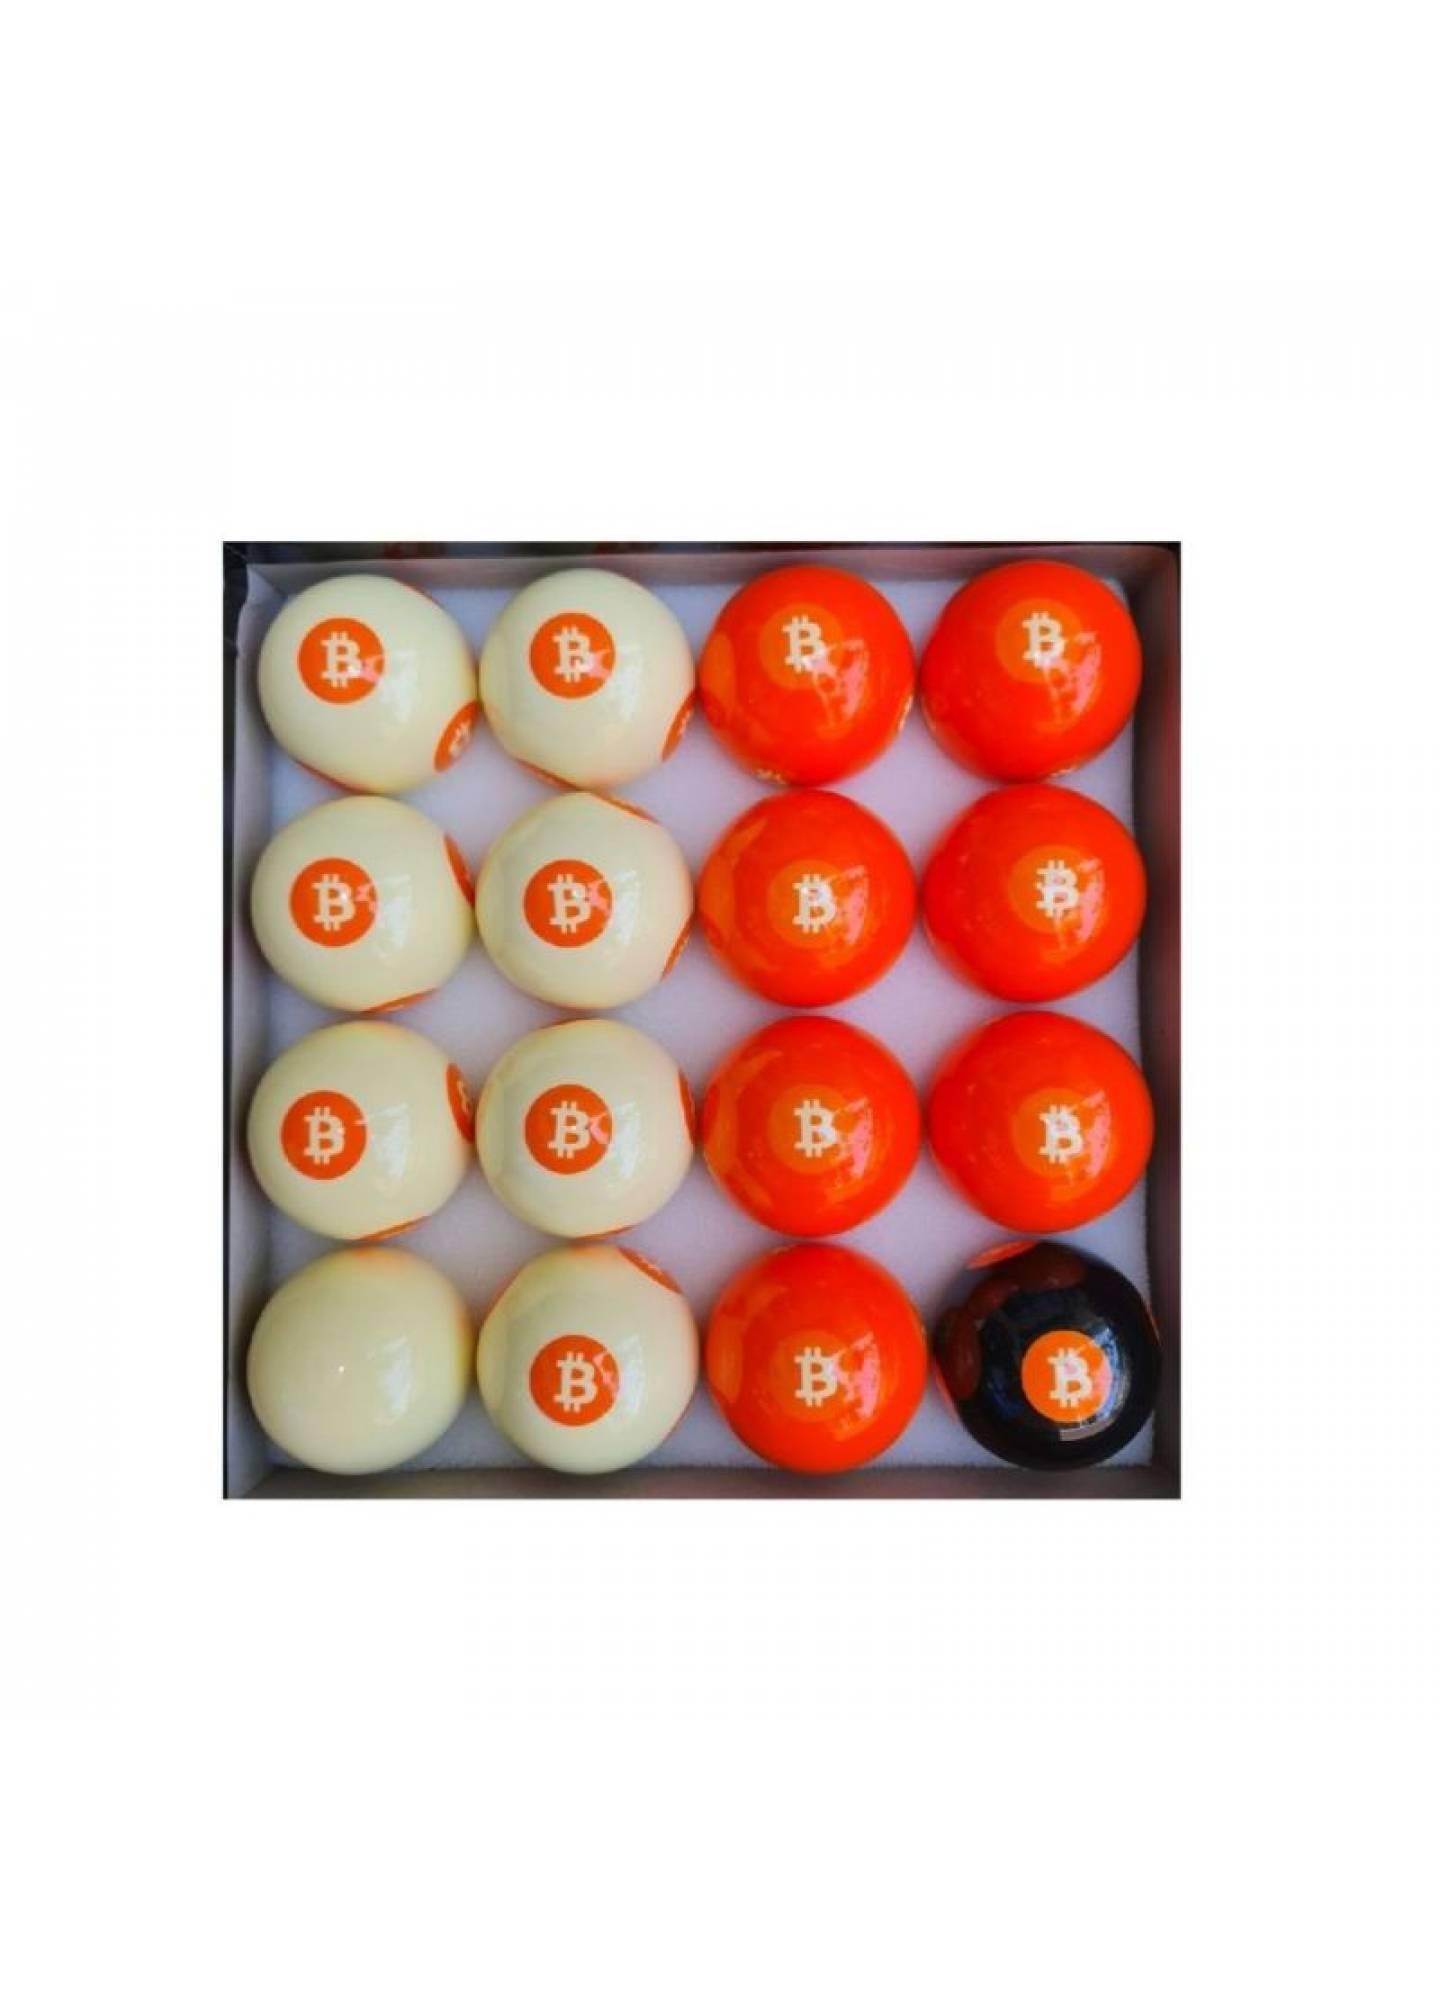 BITCOIN POOL BALL SET (NEW!)